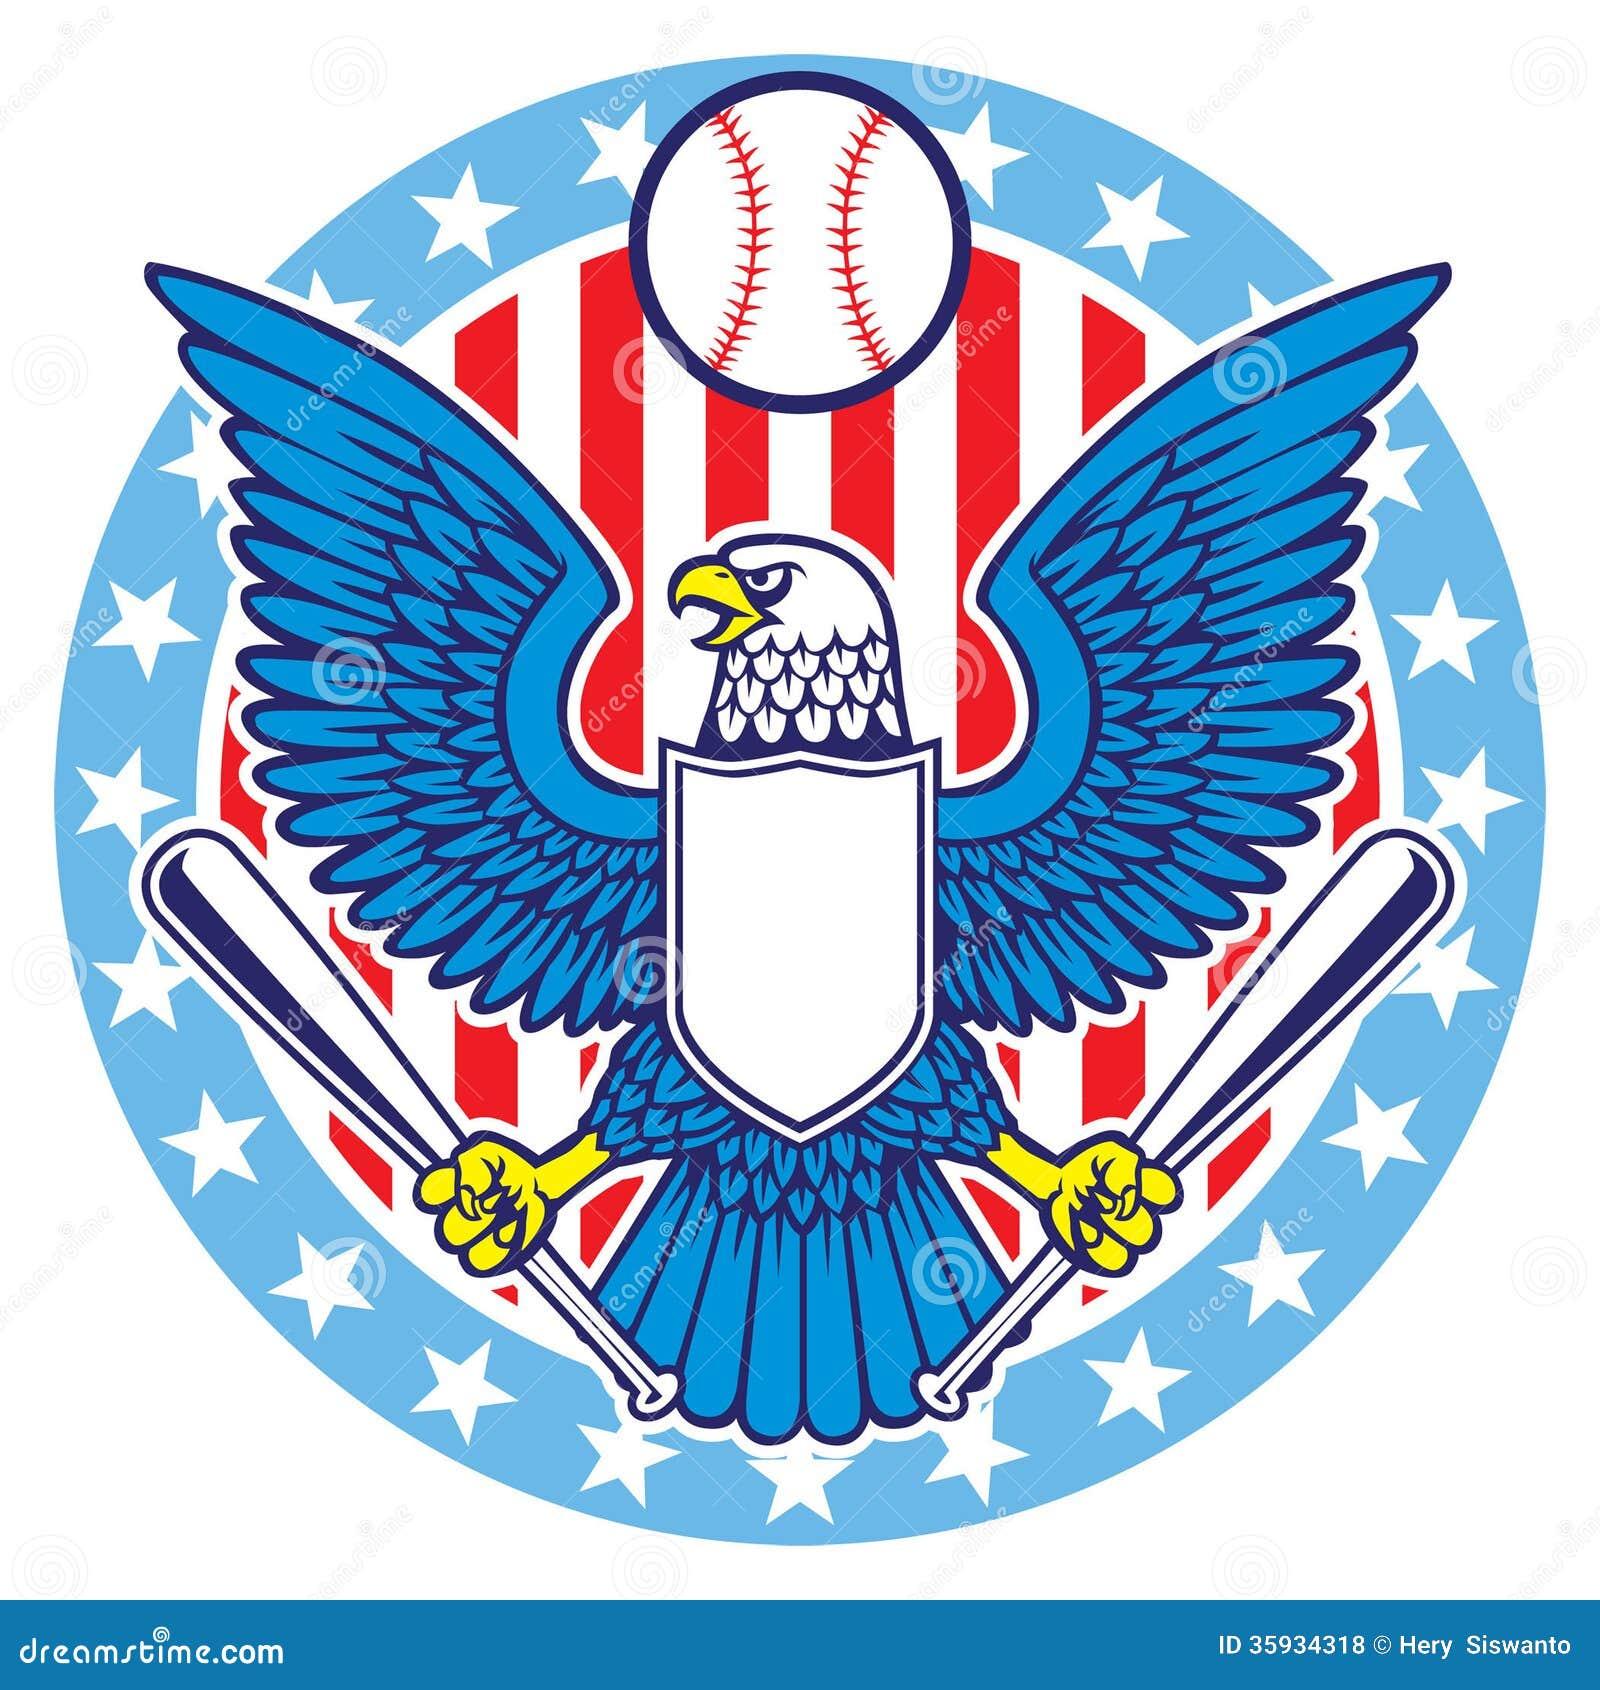 Eagle mascot of baseball